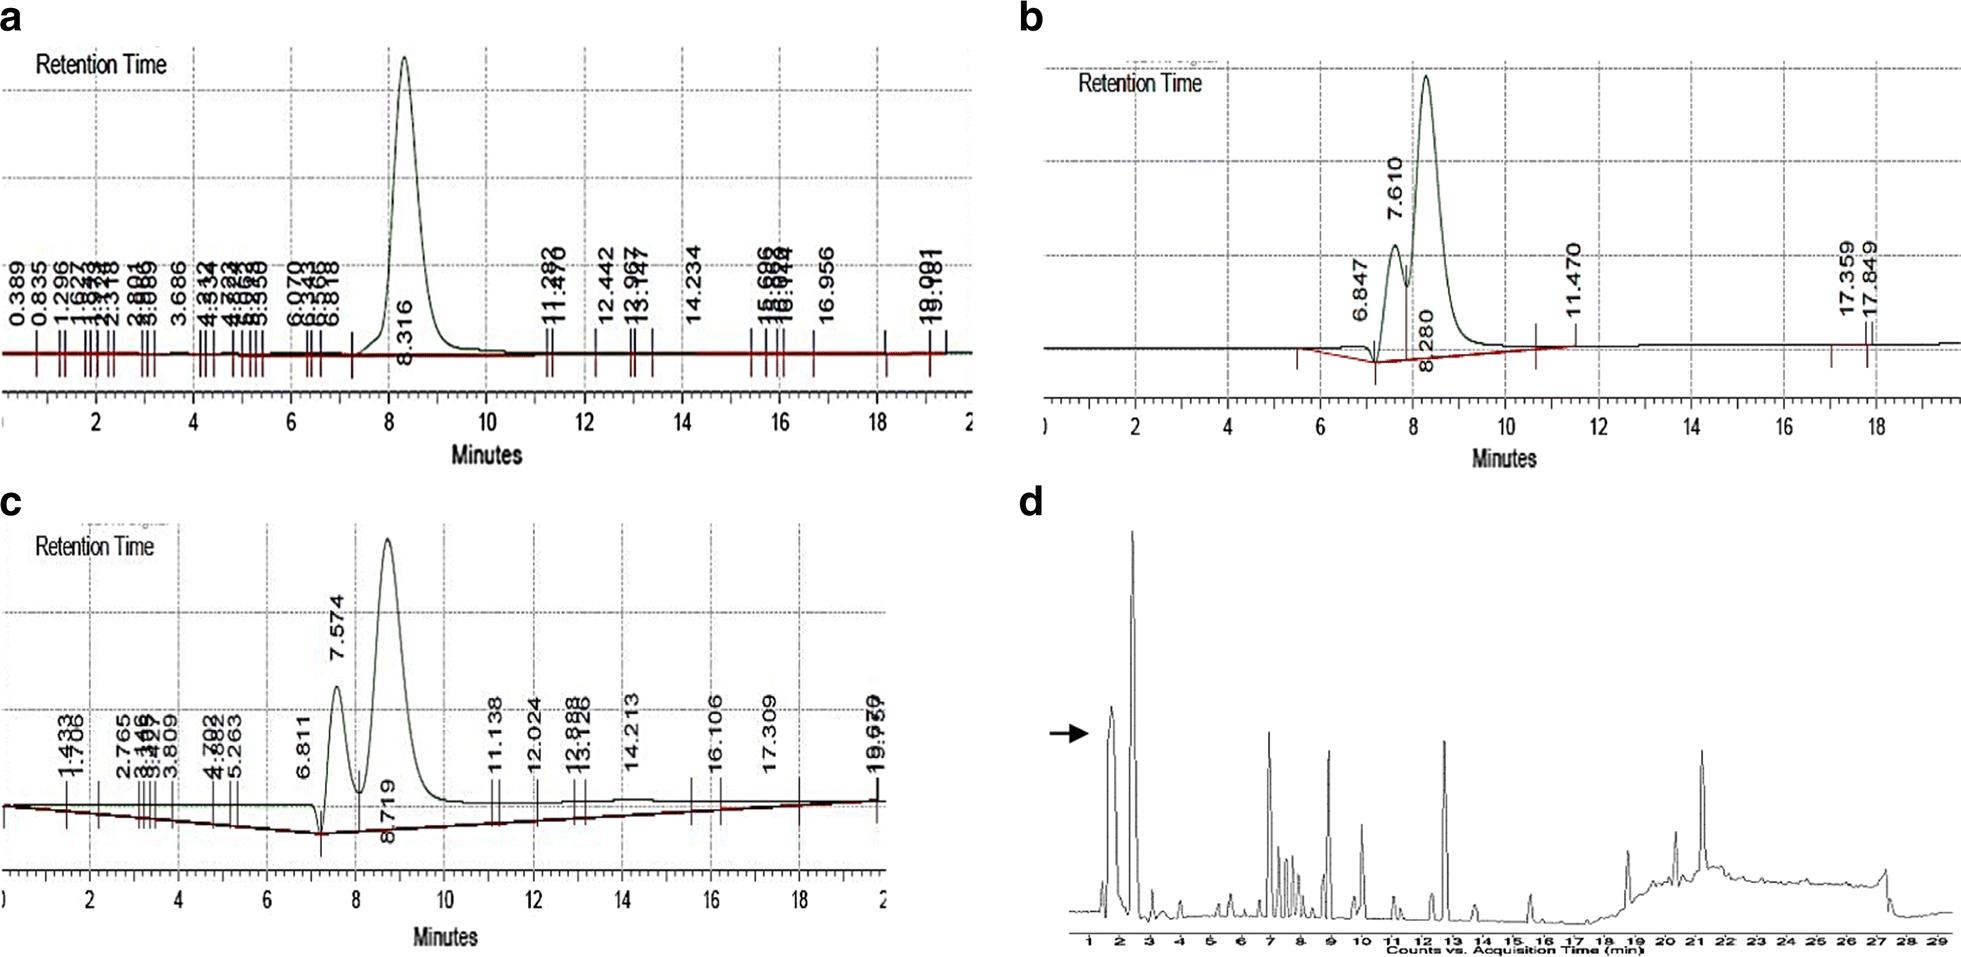 Potential role of N-acetyl glucosamine in Aspergillus fumigatus